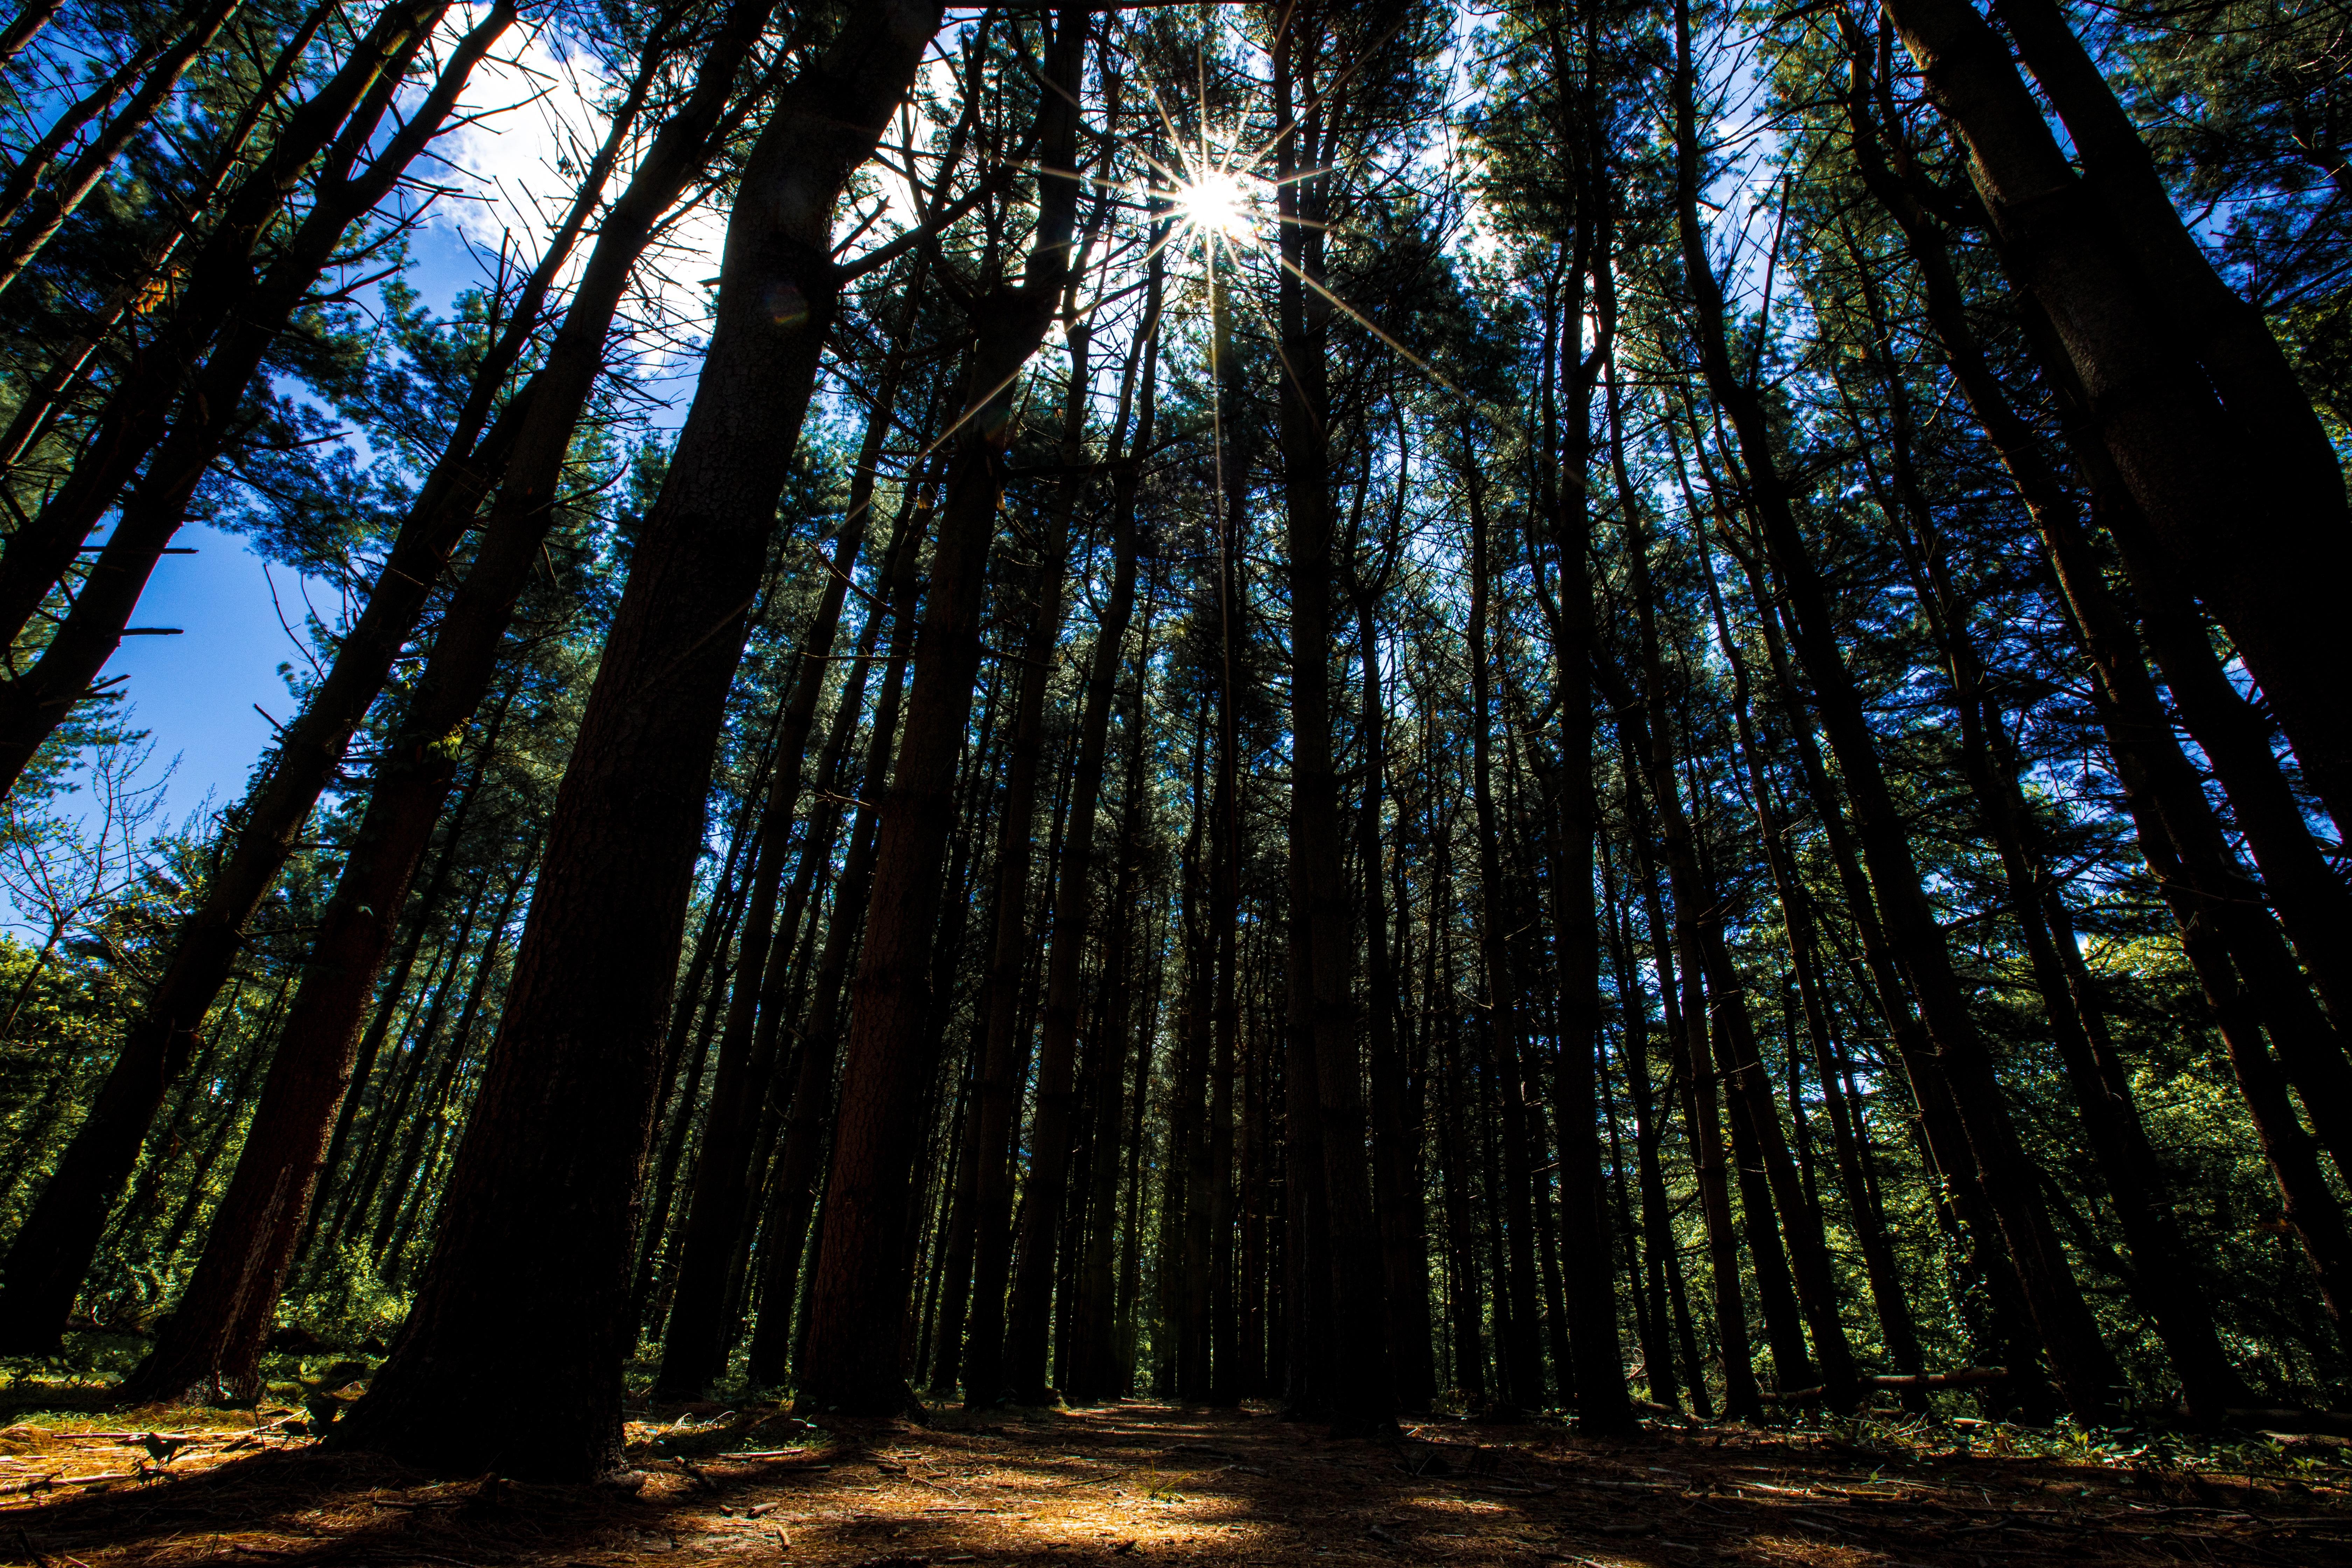 62429壁紙のダウンロード自然, 森林, 森, 木, ビーム, 光線, 日光, 散歩-スクリーンセーバーと写真を無料で